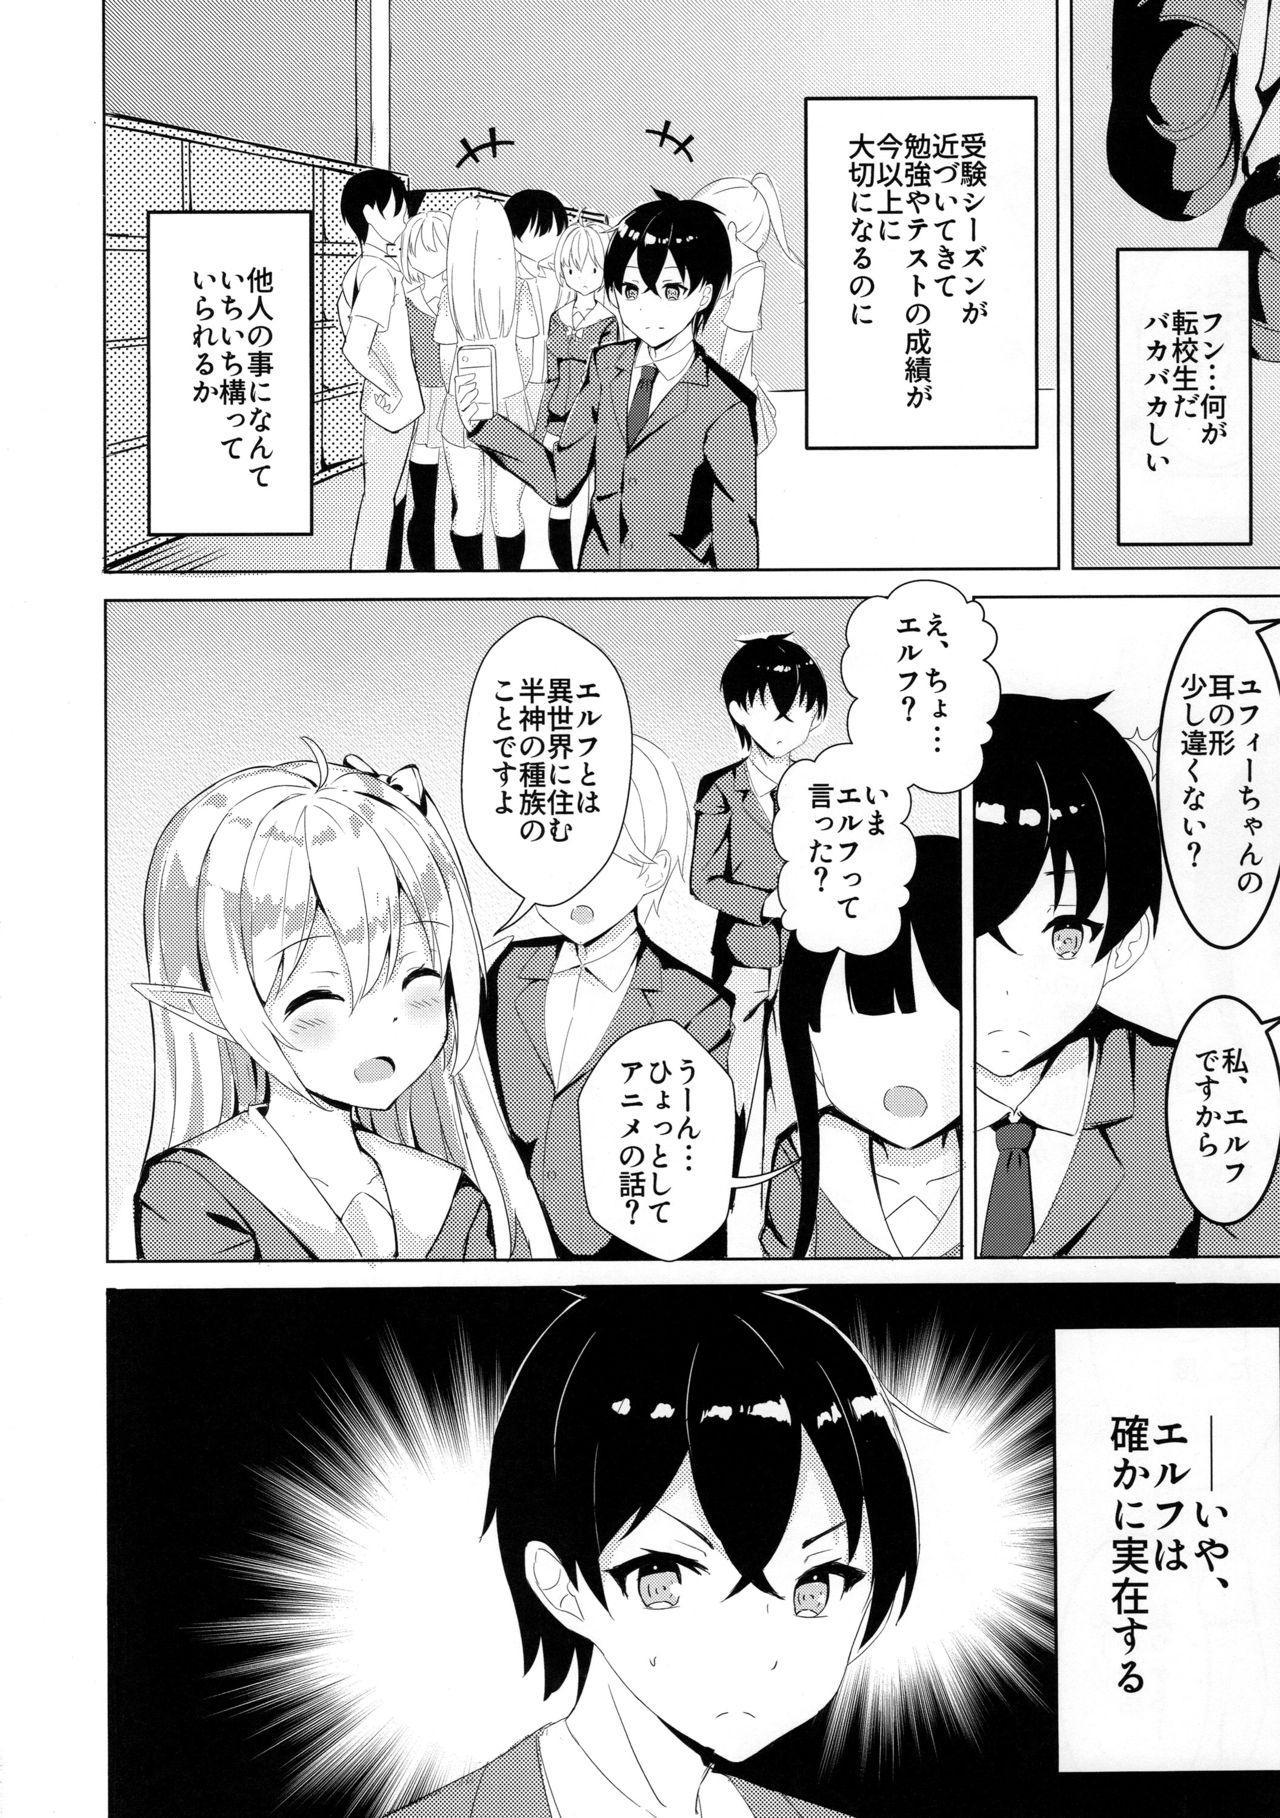 Mukashi Tasuketa Elf-chan ga Kyonyuu ni Natte H na Ongaeshi o Shi ni Kita Ken 2